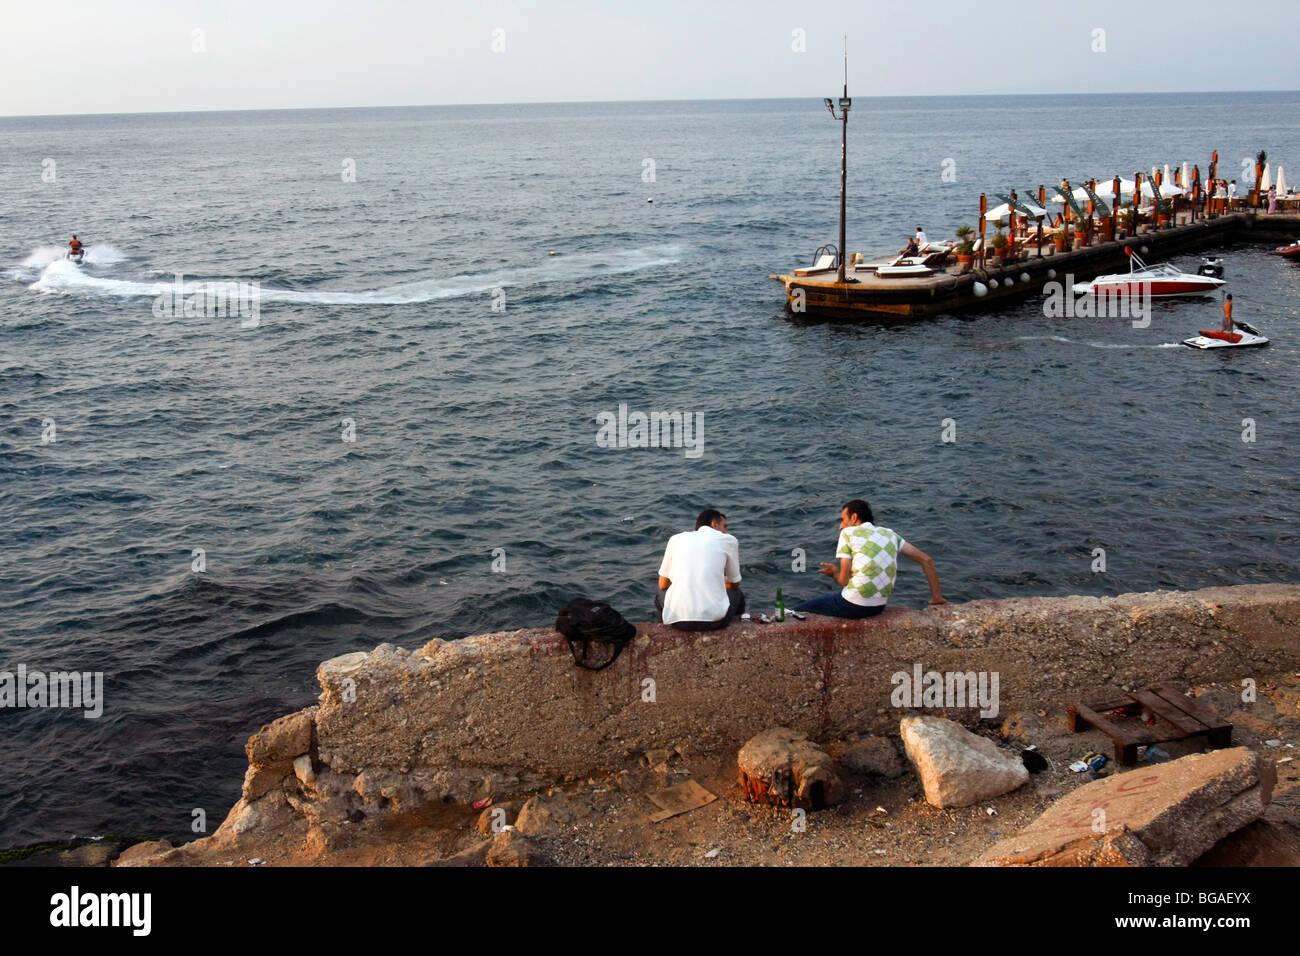 Dos hombres se sientan a lo largo de la orilla del mar, cerca del paseo marítimo Cornich en Beirut en el Líbano. Imagen De Stock